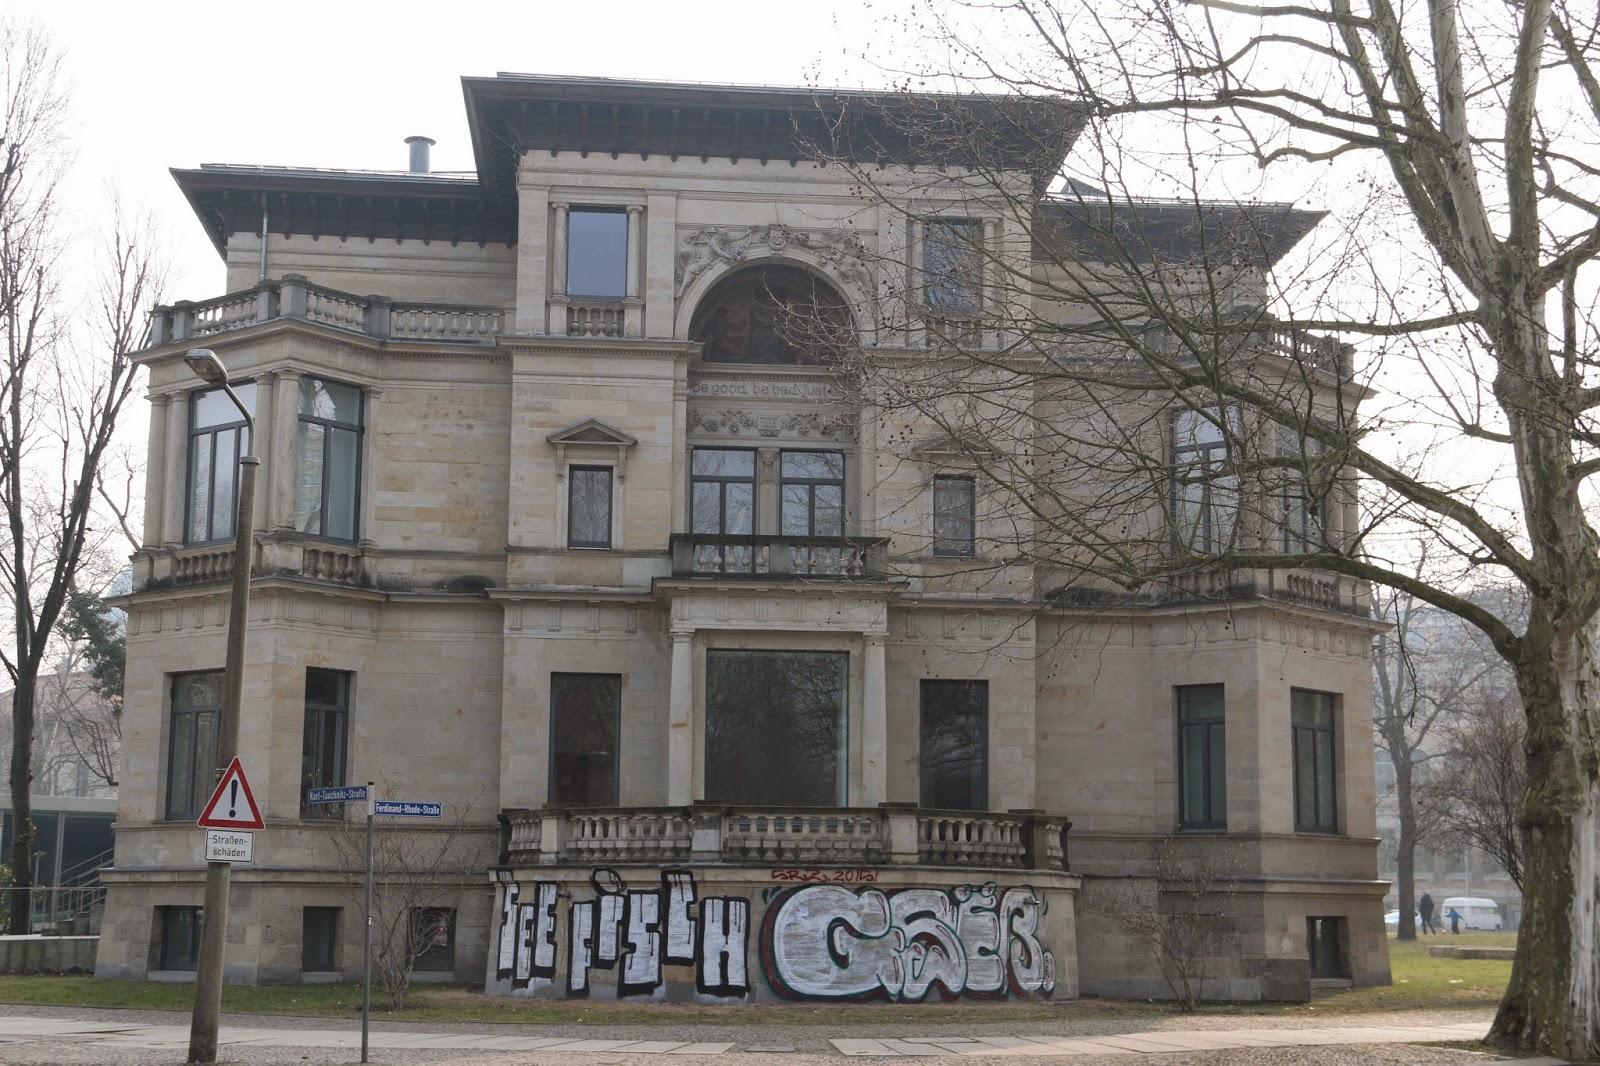 """Im Jahr 1913 kaufte der bekannte Verleger """"Edgar Herfurth"""" die Villa - in den Jahren darauf erfolgten Umbauten am Gebäude - nach der Einteignung 1945 wurde aus der Villa zu DDR Zeiten ein Teil der Universitätsklinik"""